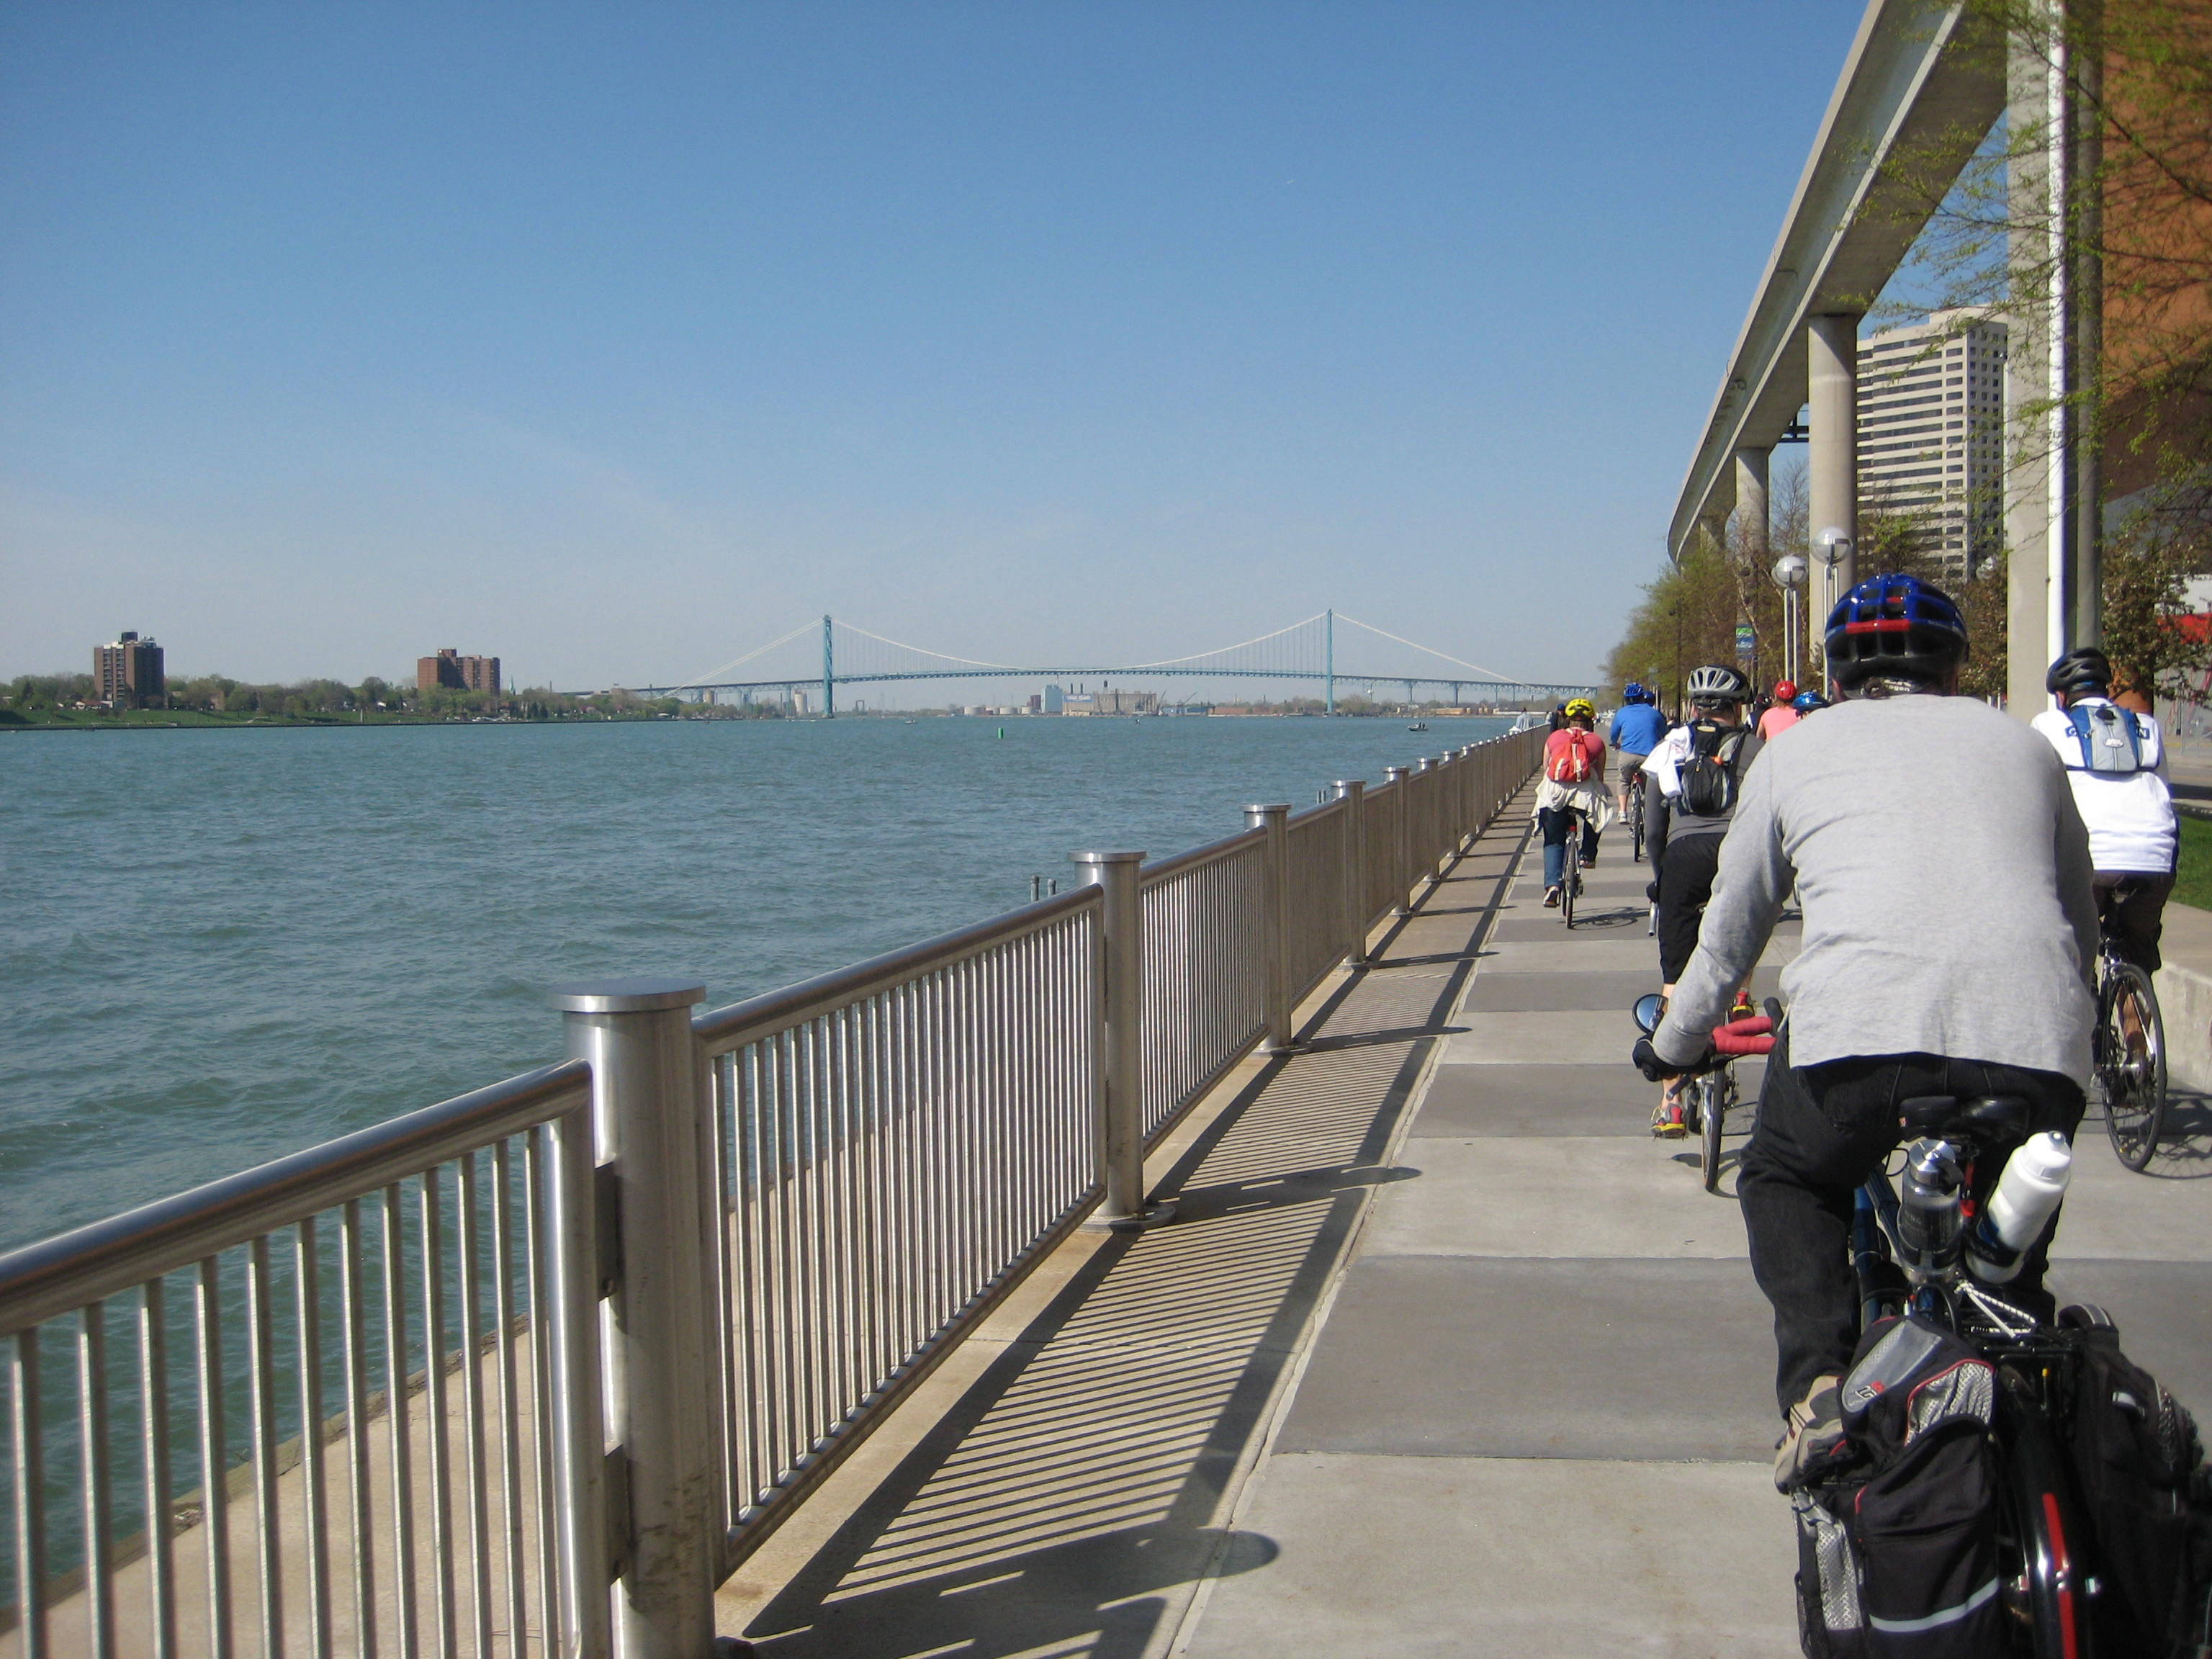 BikeTourRiveWalk